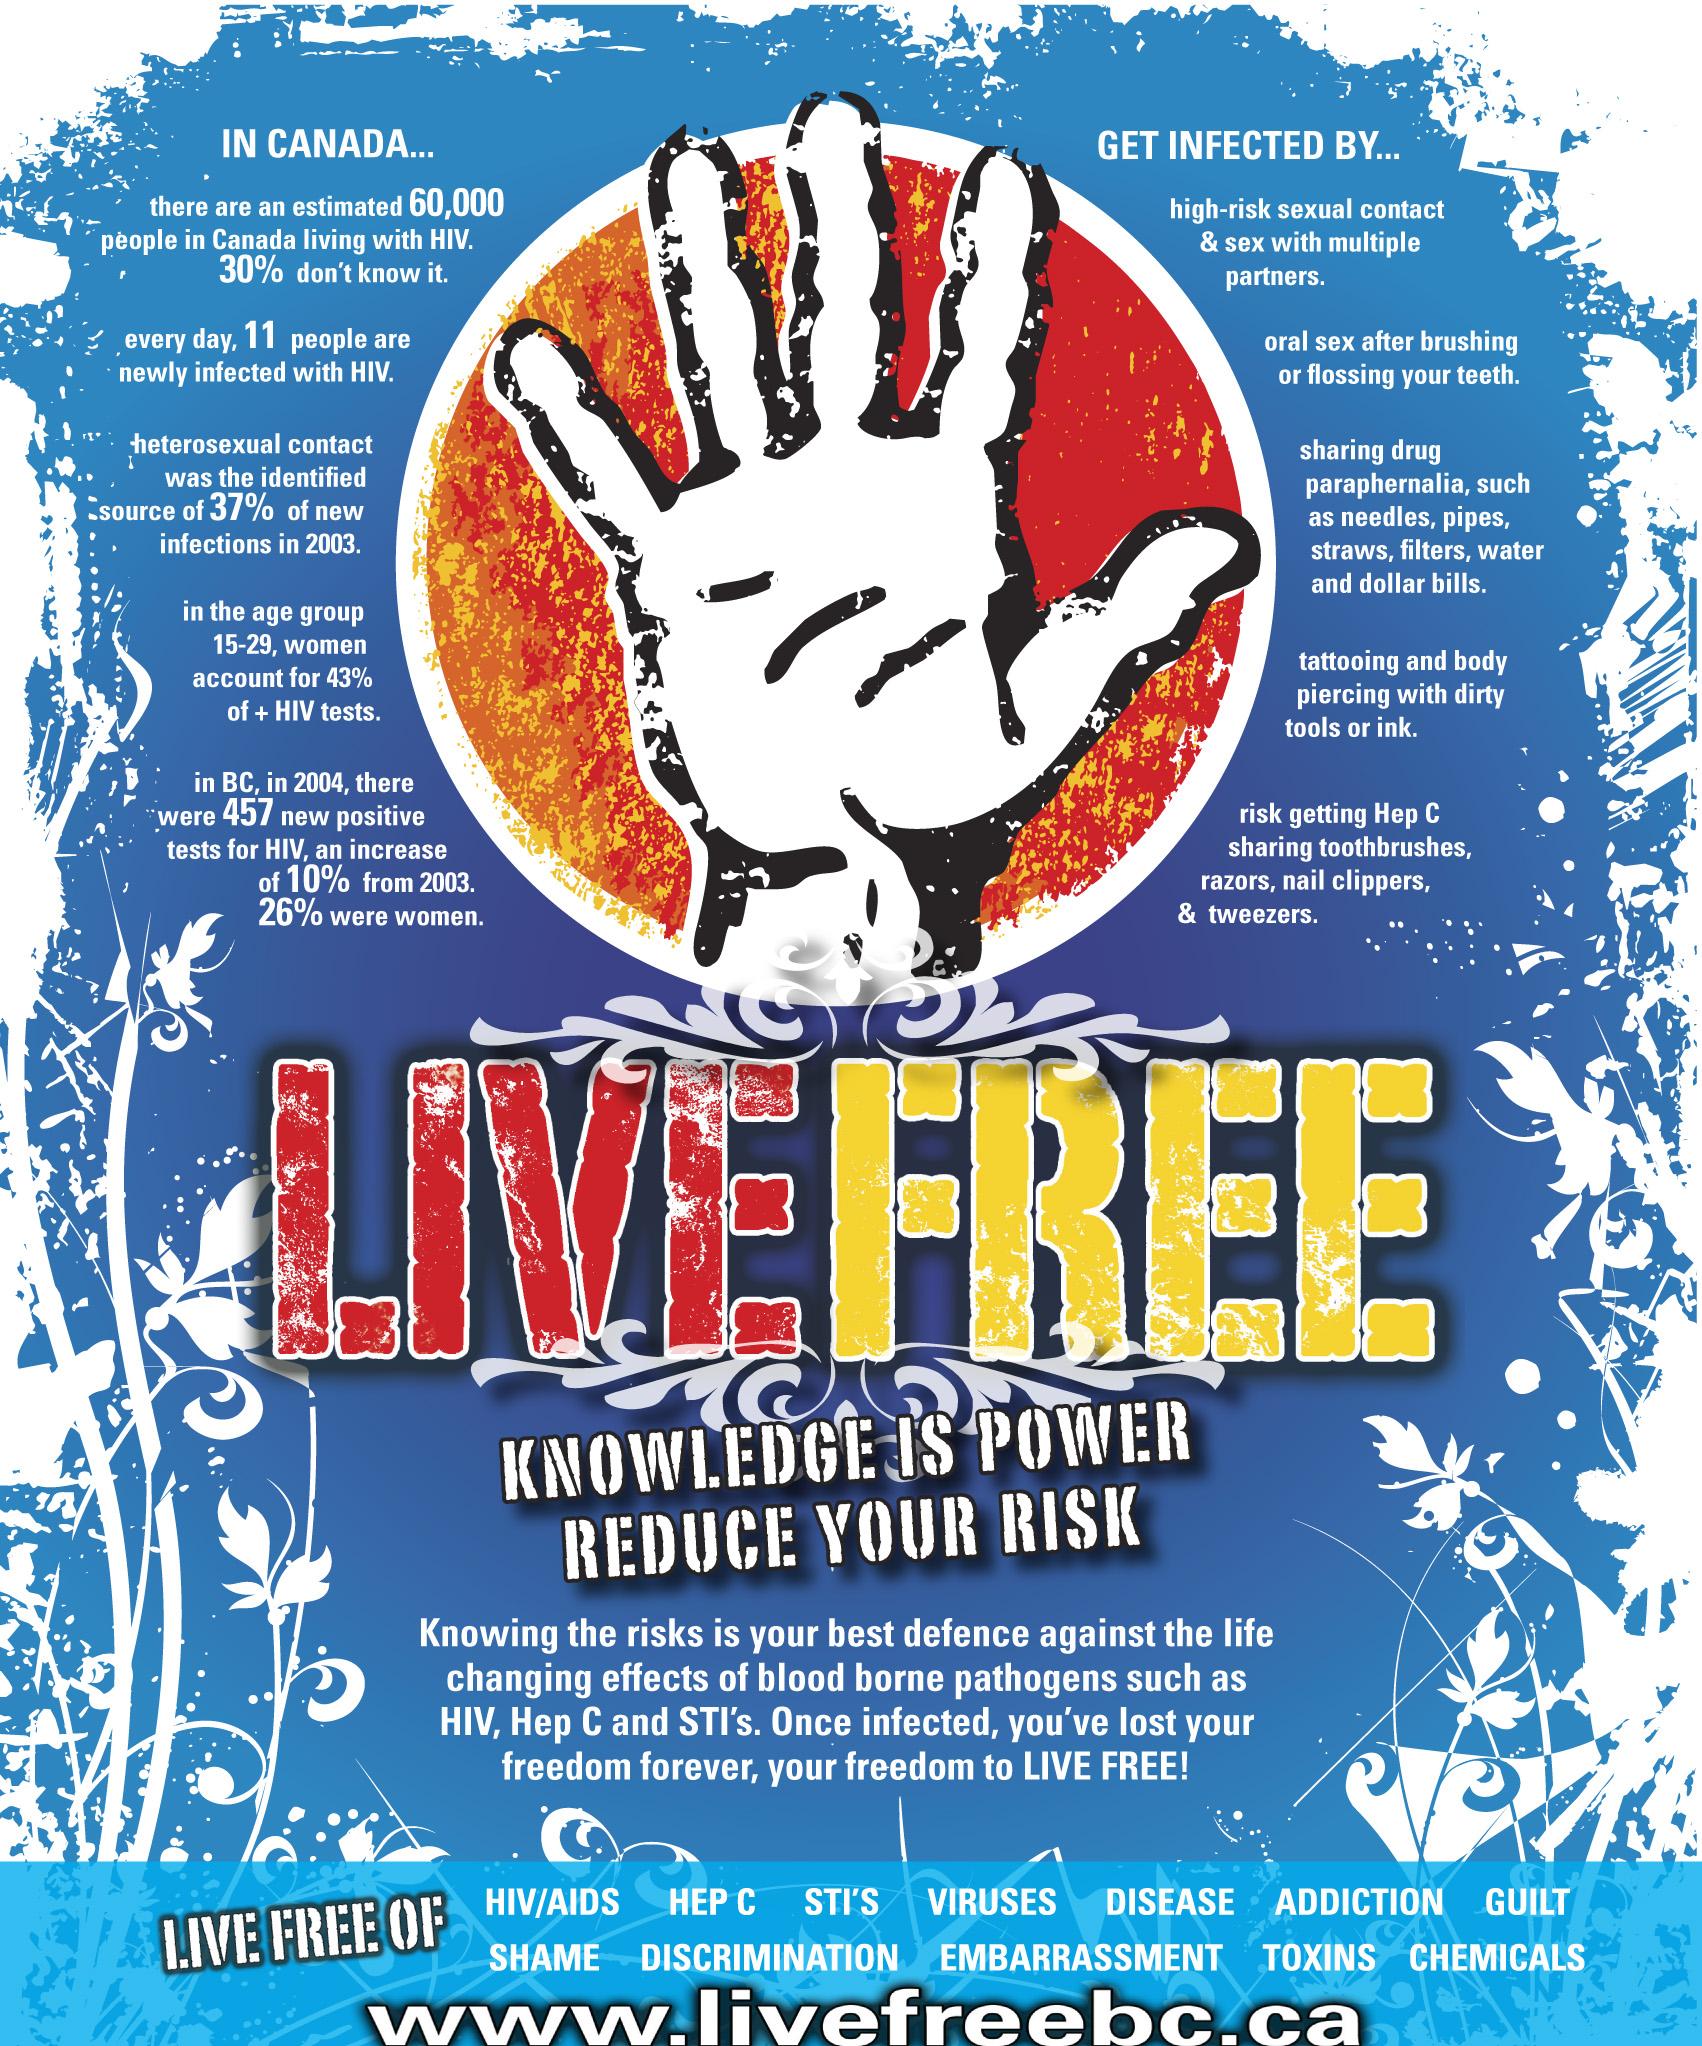 LIVEFREE_Poster.jpg